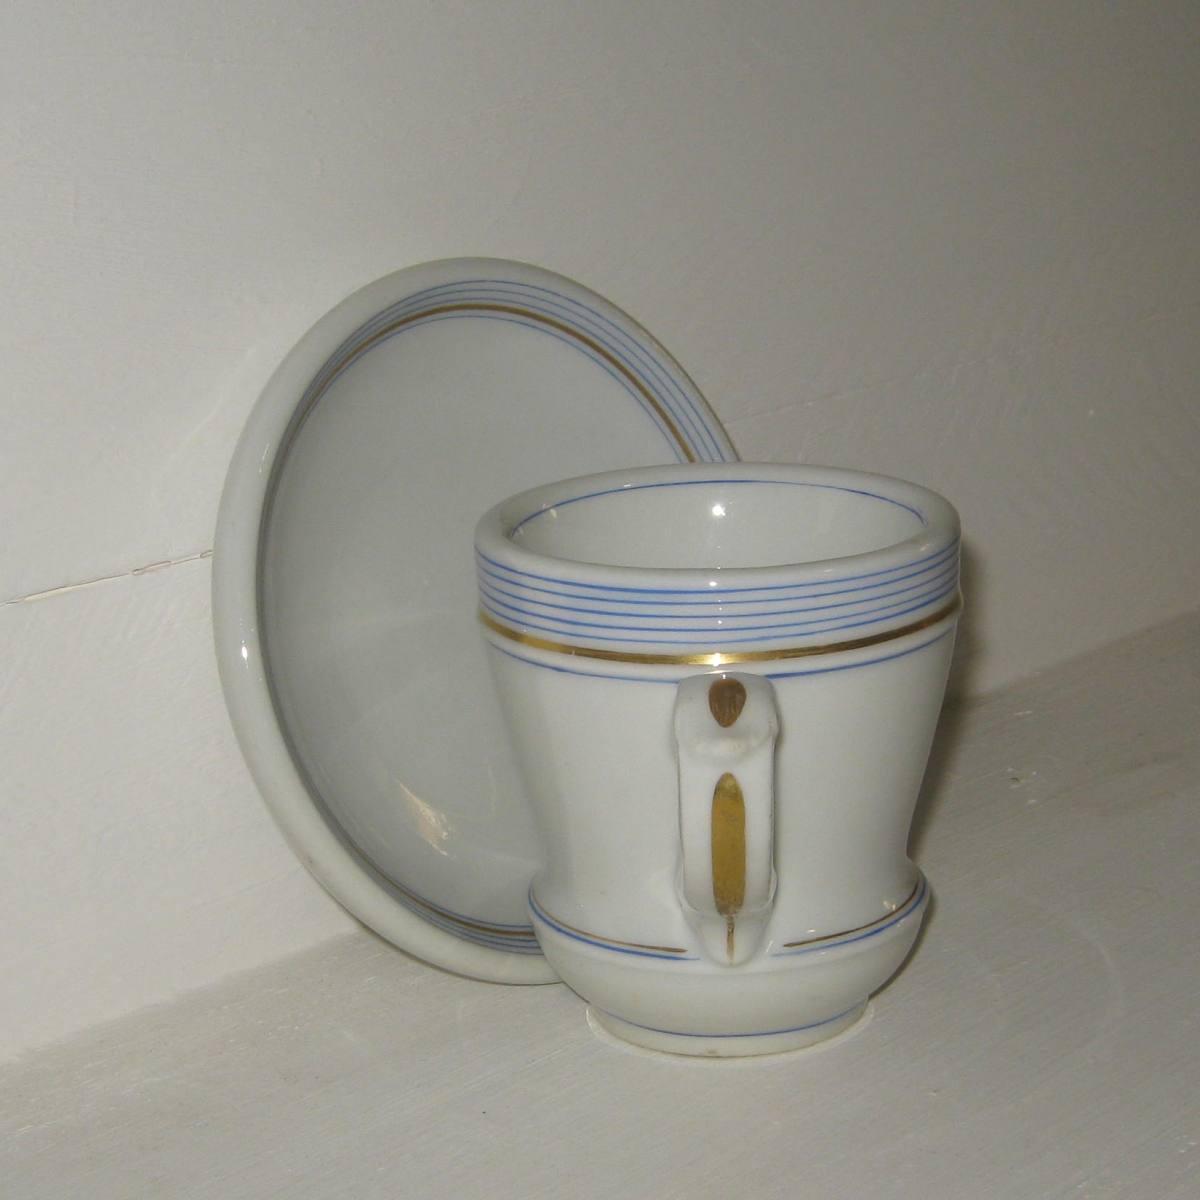 Brulot et sa soucoupe porcelaine epaisse rayures bleues et dorure 3 c